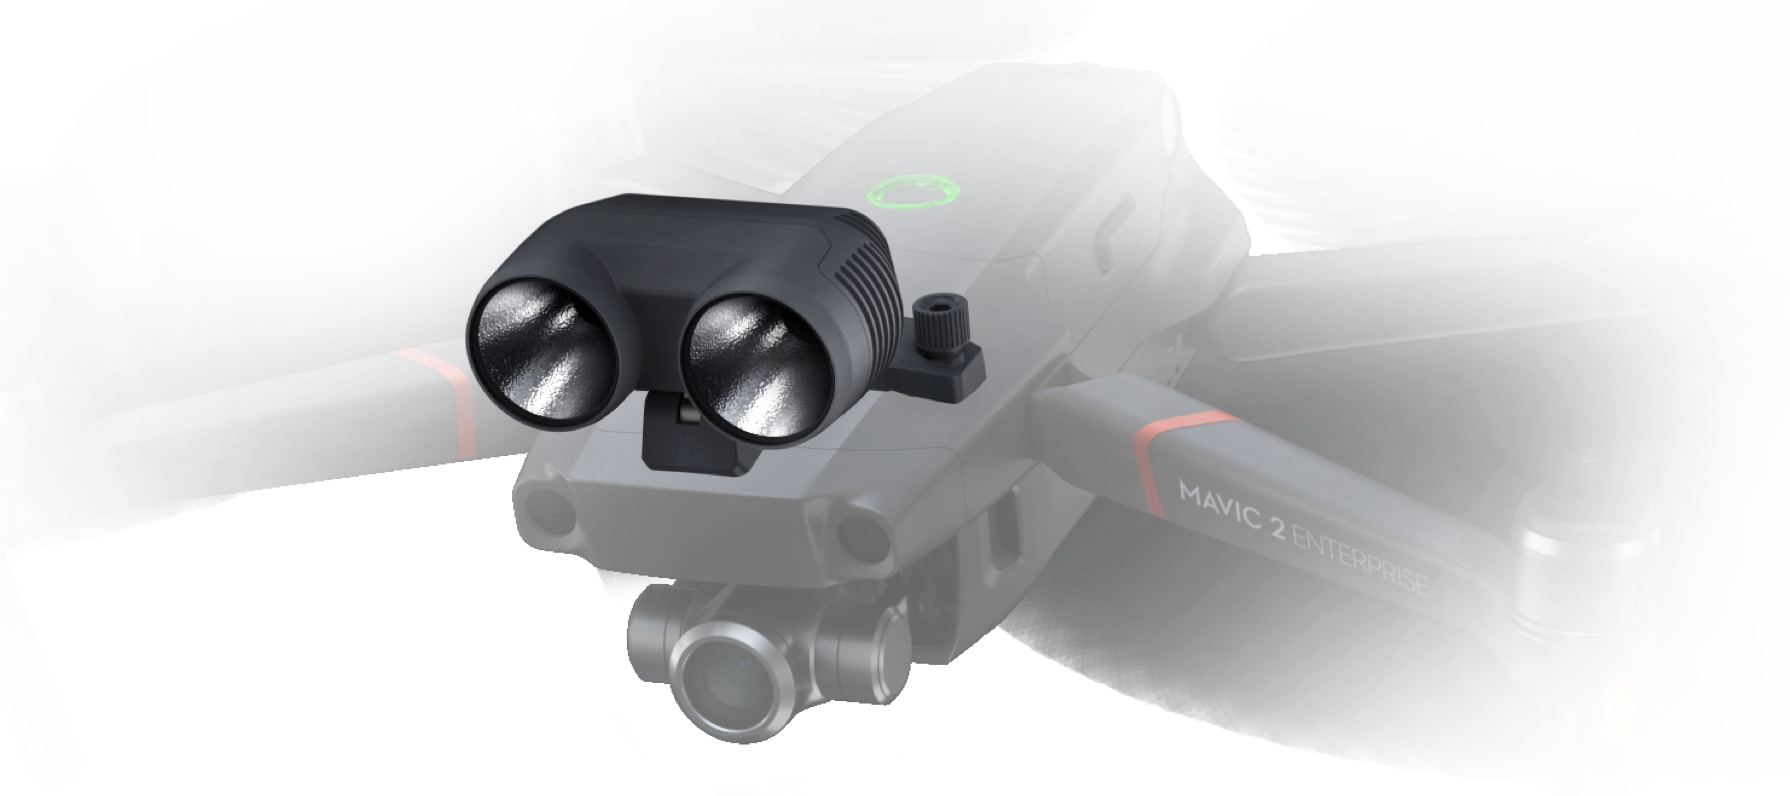 Прожектор M2E Легко указывайте путь тем, кто заблудился, используя двойной прожектор, облегчающий работу в условиях слабого освещения.